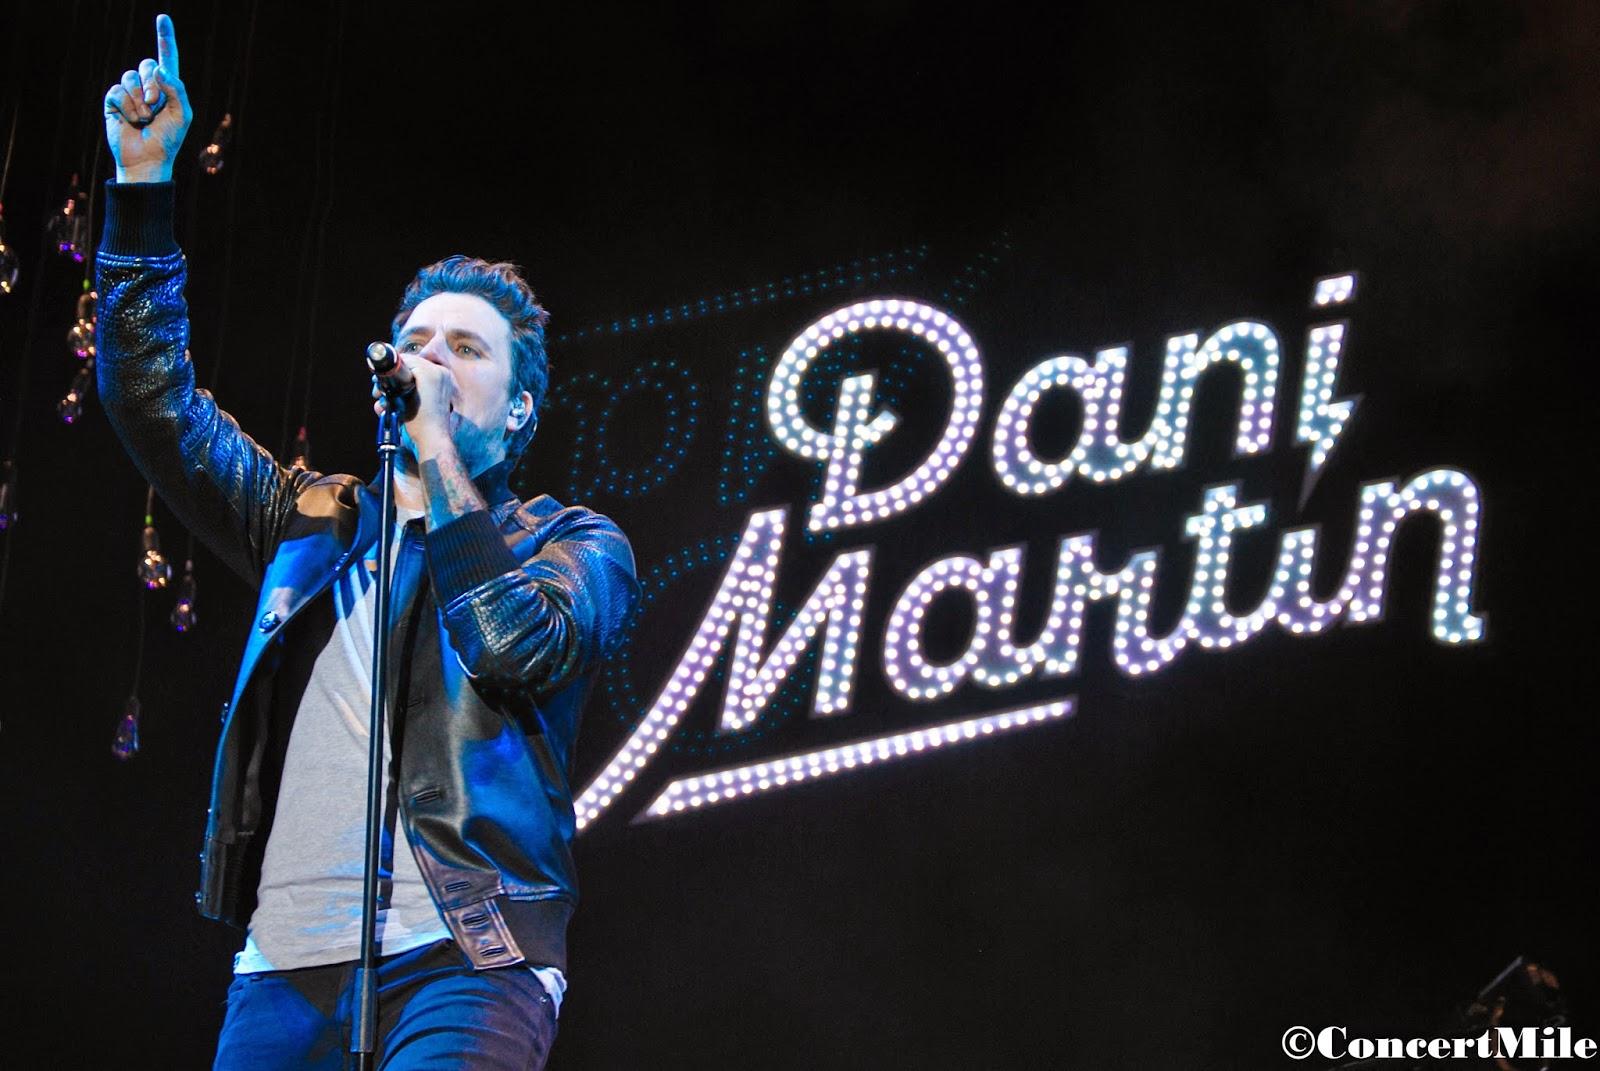 Crónica DANI MARTIN en concierto, arranca su gira en Elche